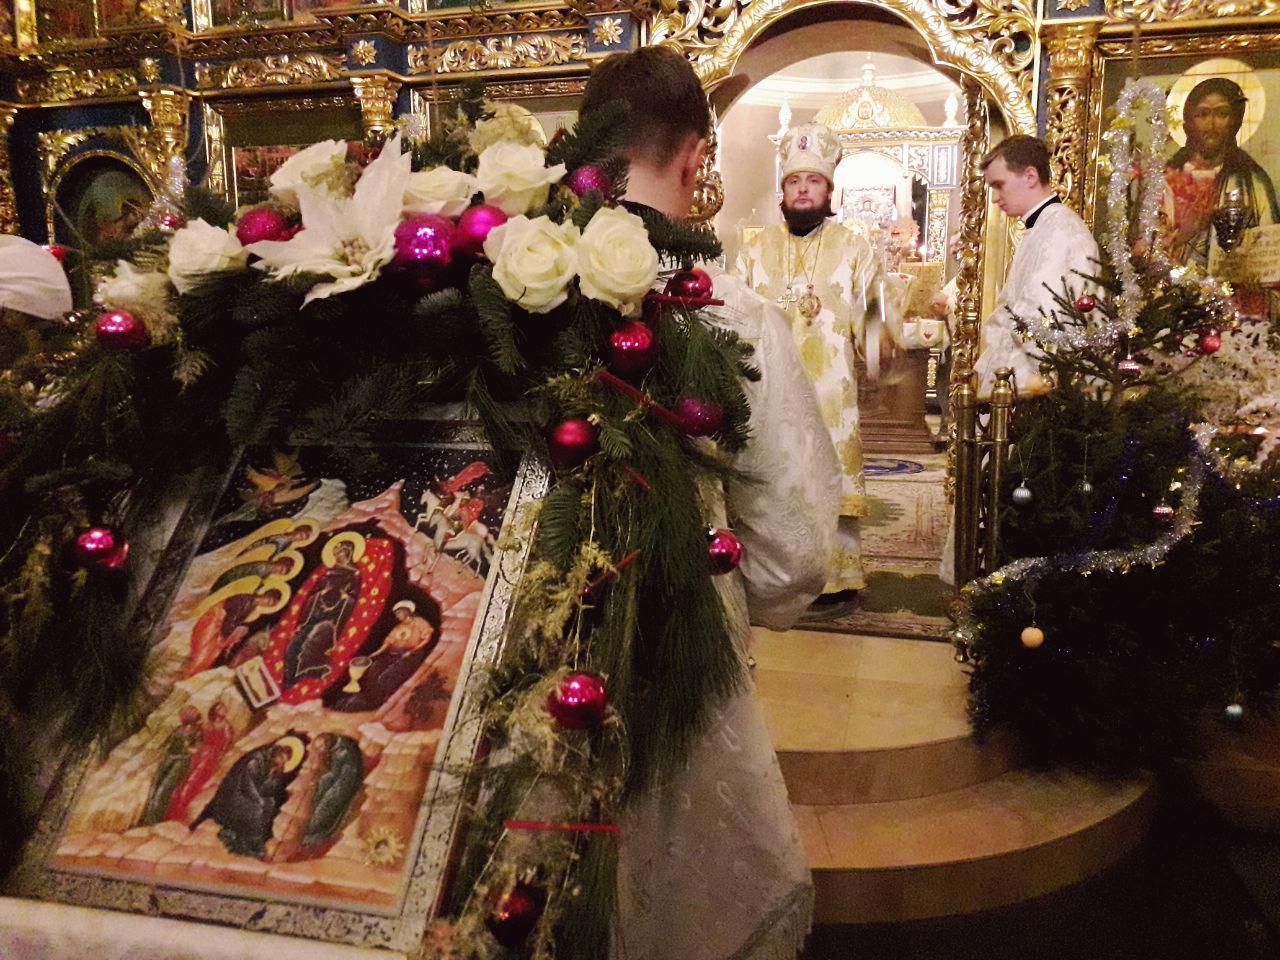 В праздник Рождества Христова епископ Люберецкий Серафим совершил Божественную Литургию в Успенском соборе Крутицкого подворья